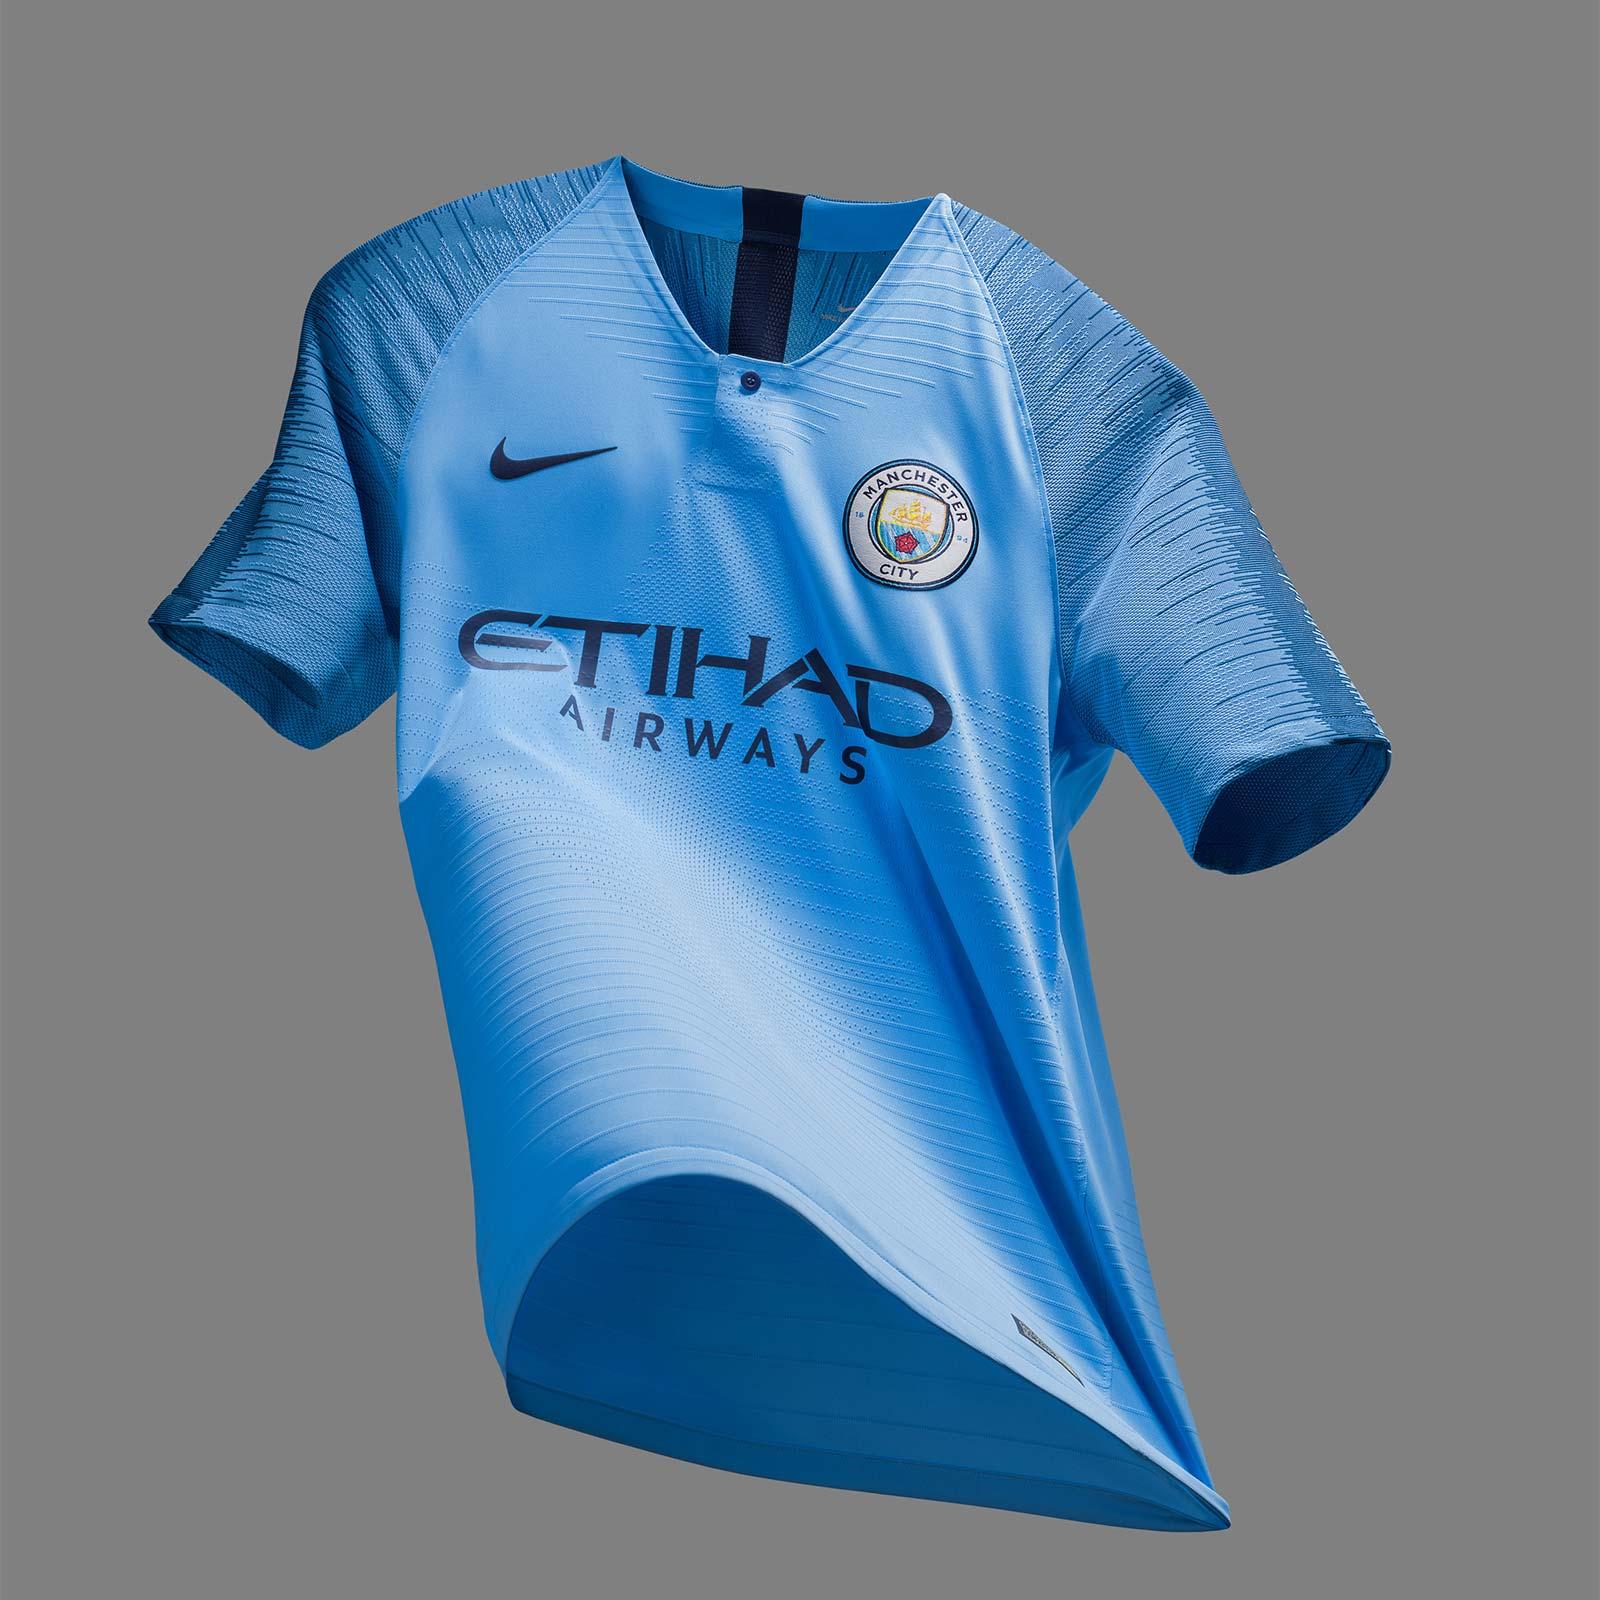 huge discount 4c122 d1608 18-19 Manchester City Home Jersey Shirt